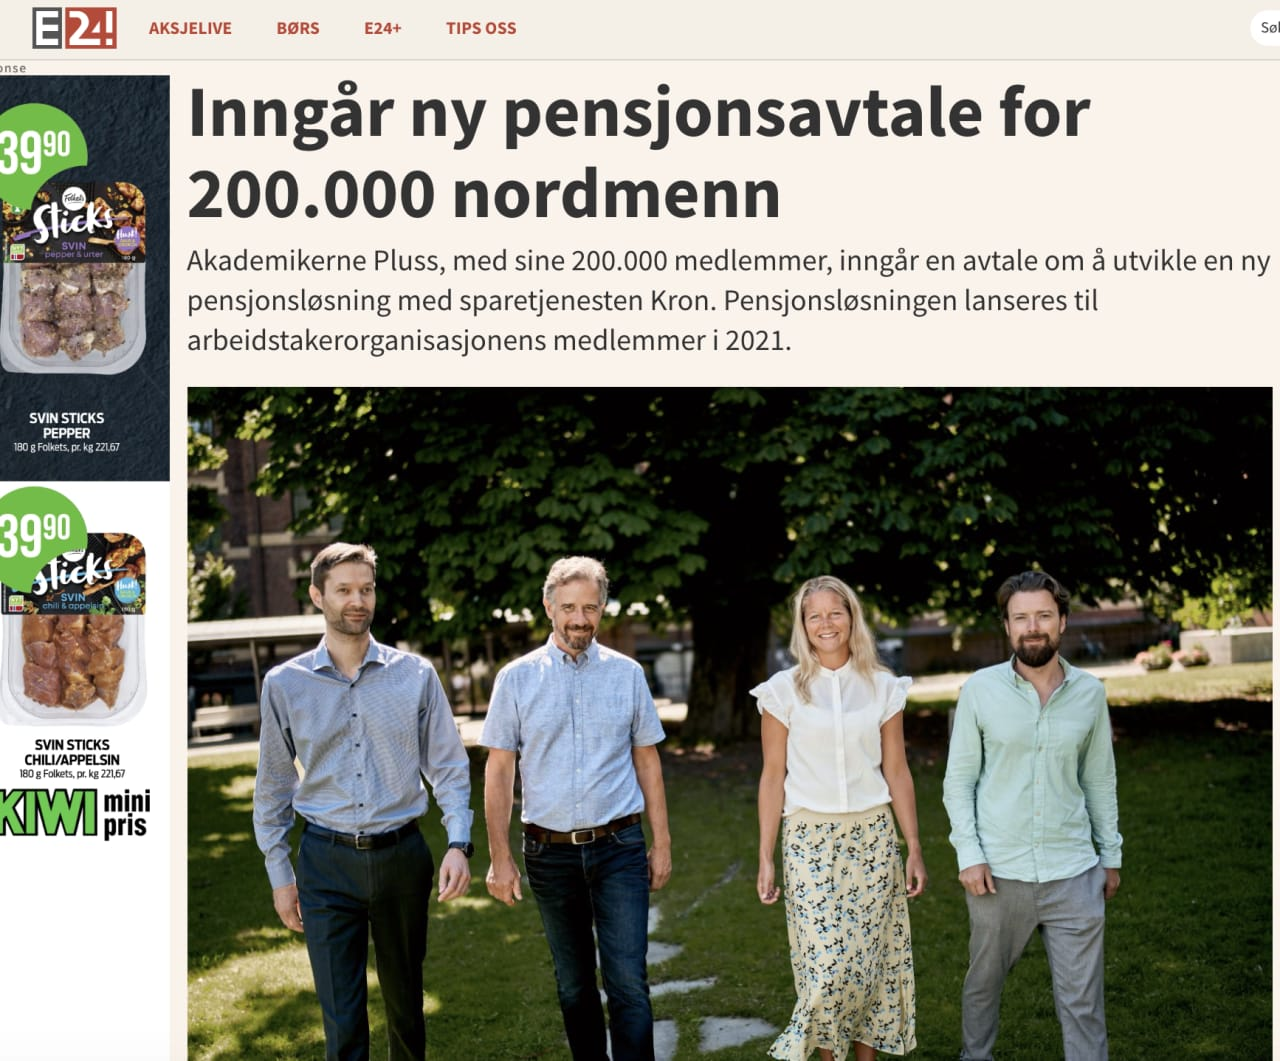 Kron og Akademikerne Pluss går sammen om pensjonsavtale til 220 000 medlemmer